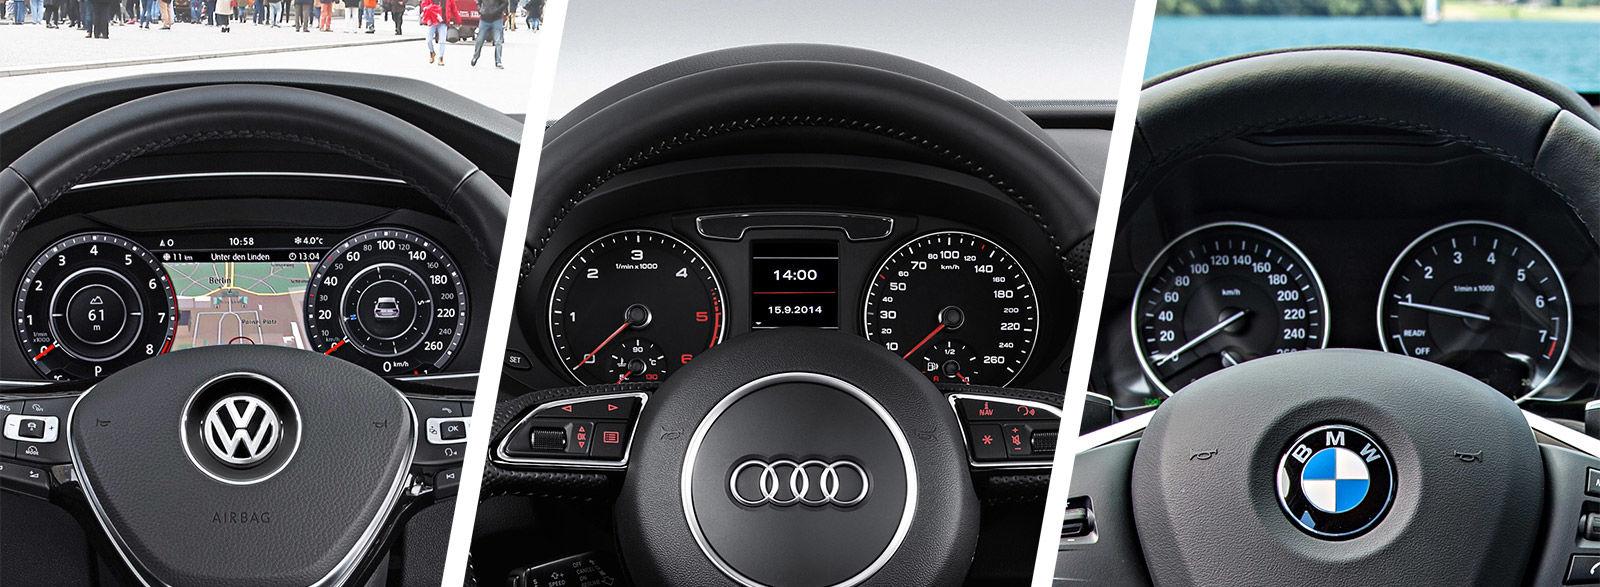 Audi Q3 vs VW Tiguan vs BMW X1 dials and gauges dashboard